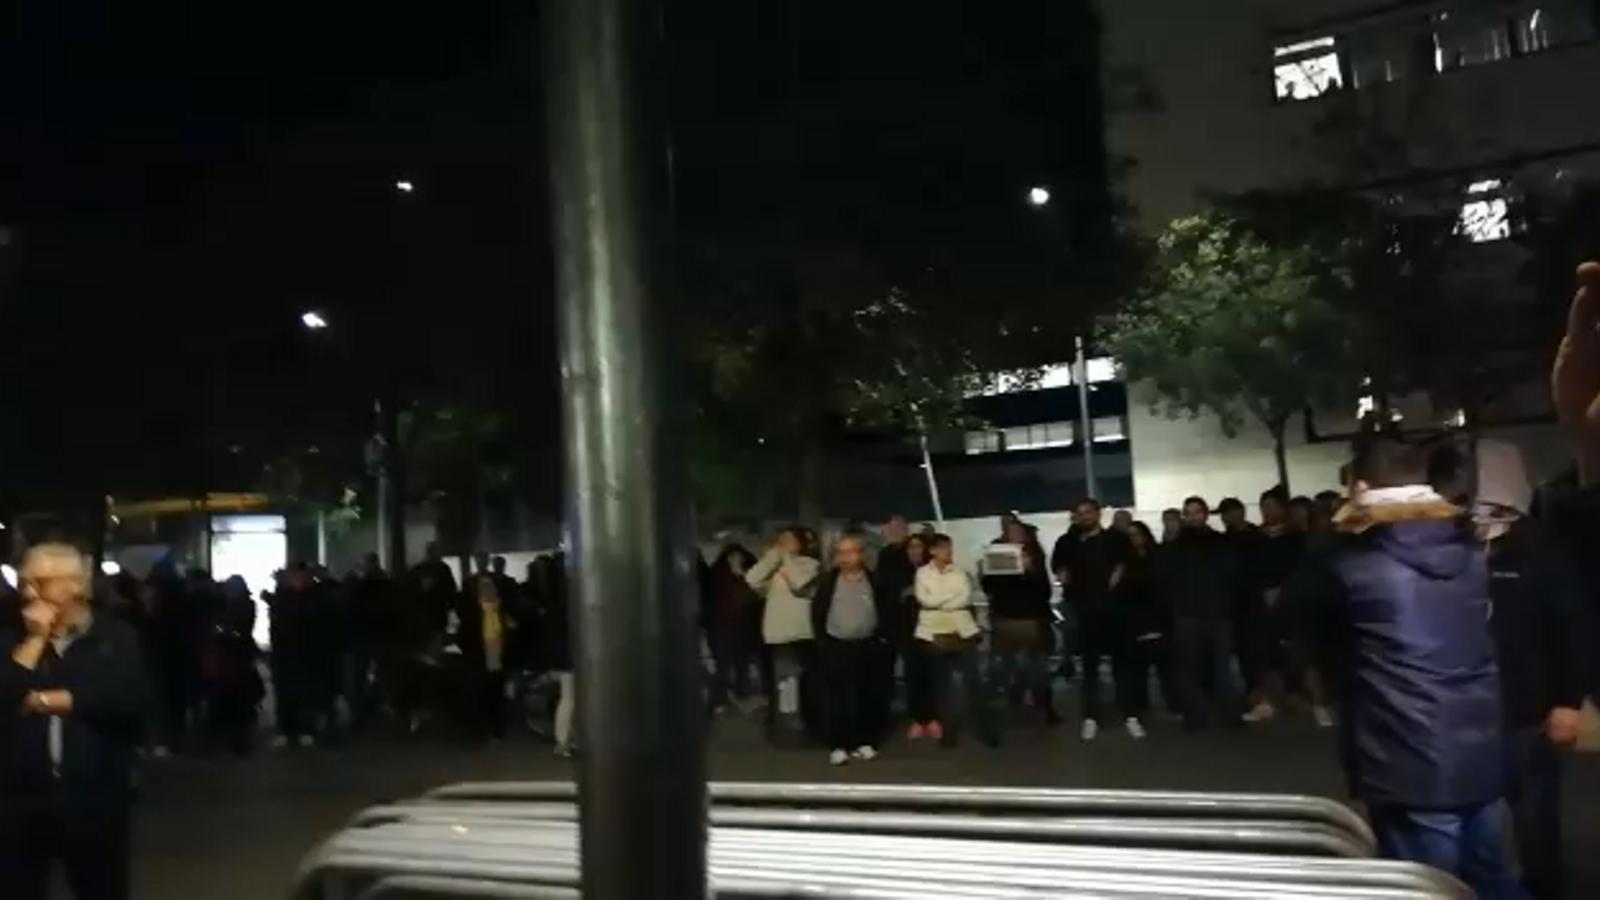 Prop d'un centenar de persones s'ha concentrat aquest dimecres davant el Centre Cívic Sant Martí, al barri de La Verneda, on se celebra un míting de Vox